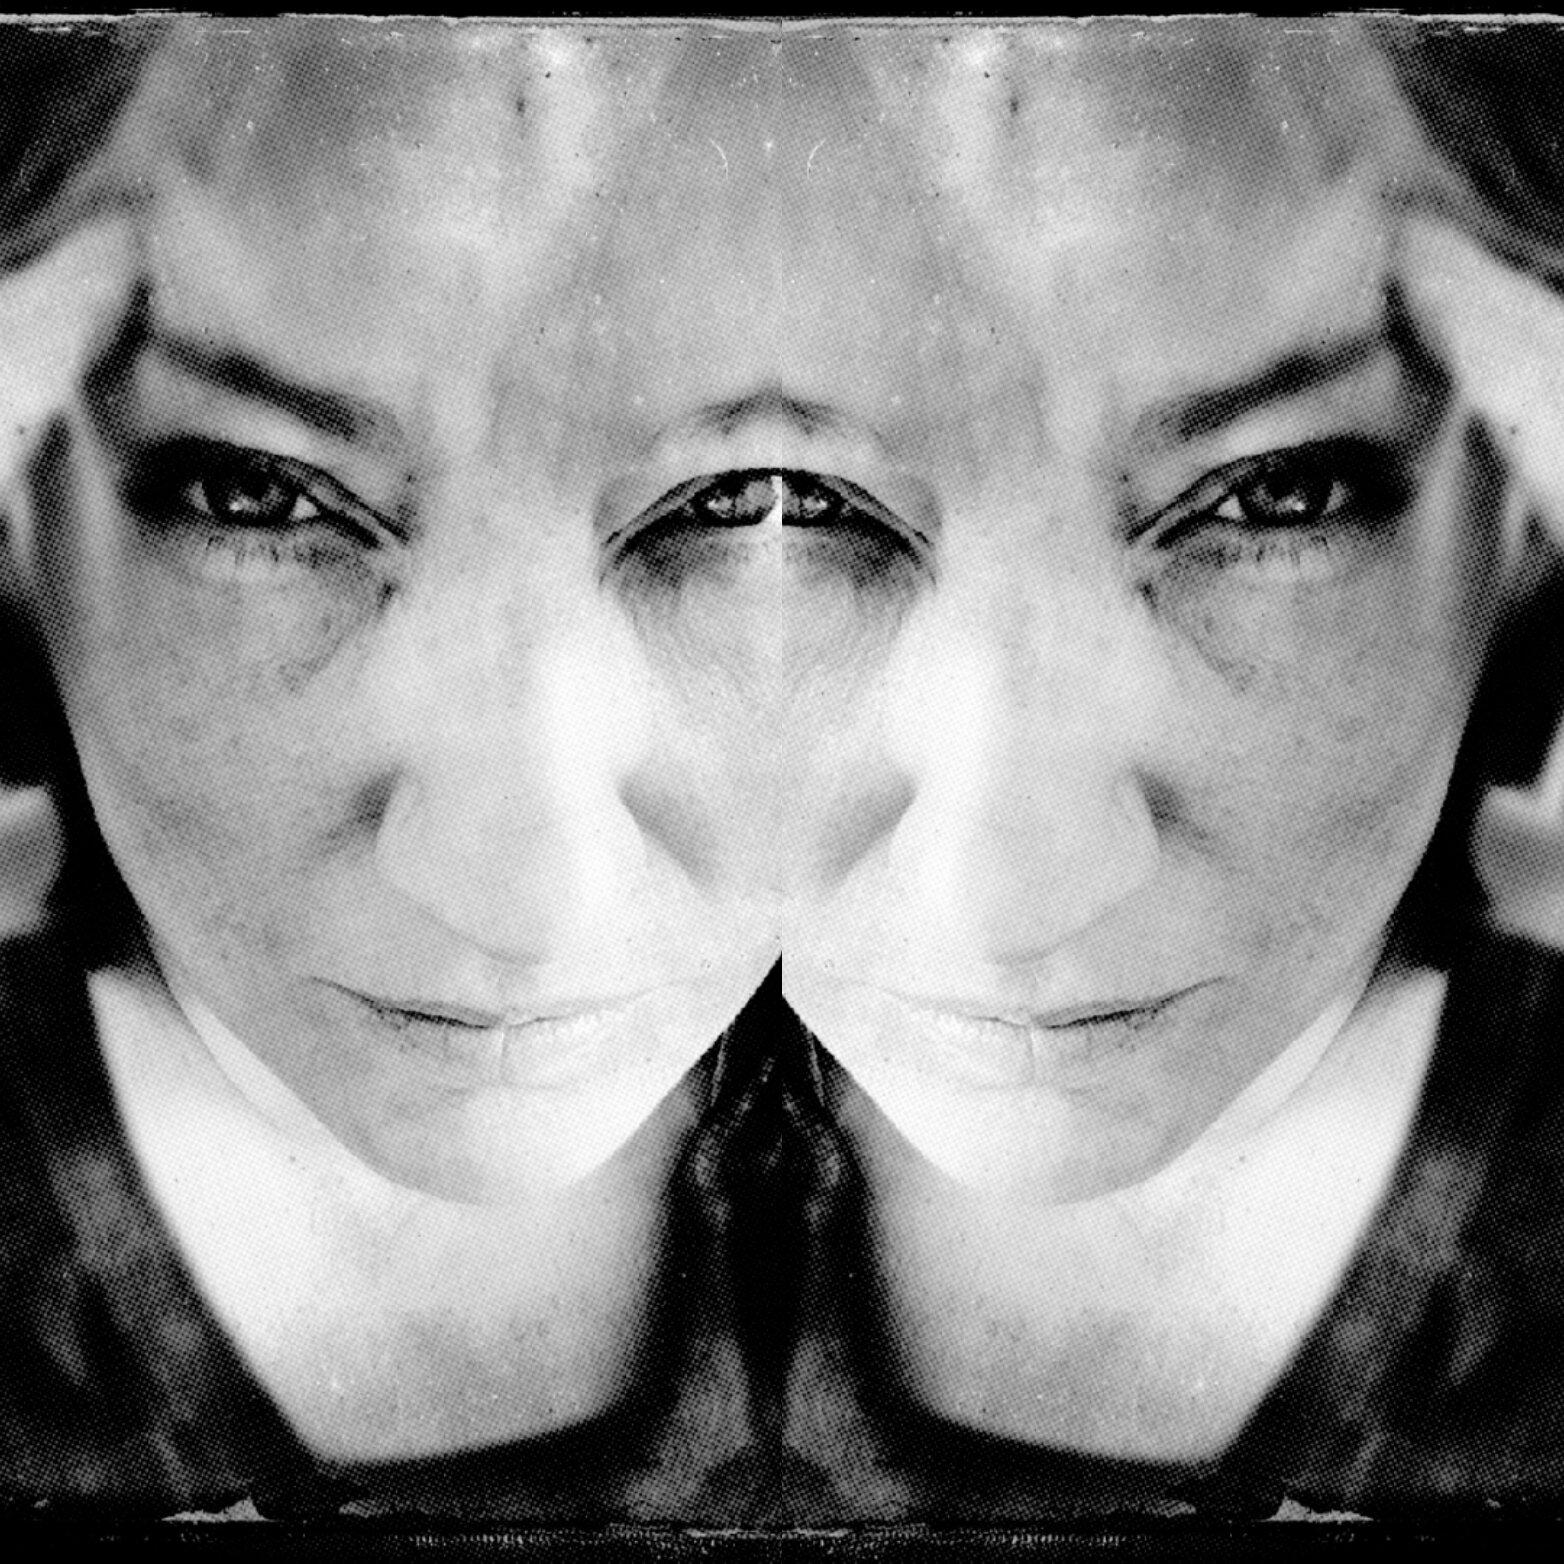 MirrorMirror_DawnBlanchfield.jpg